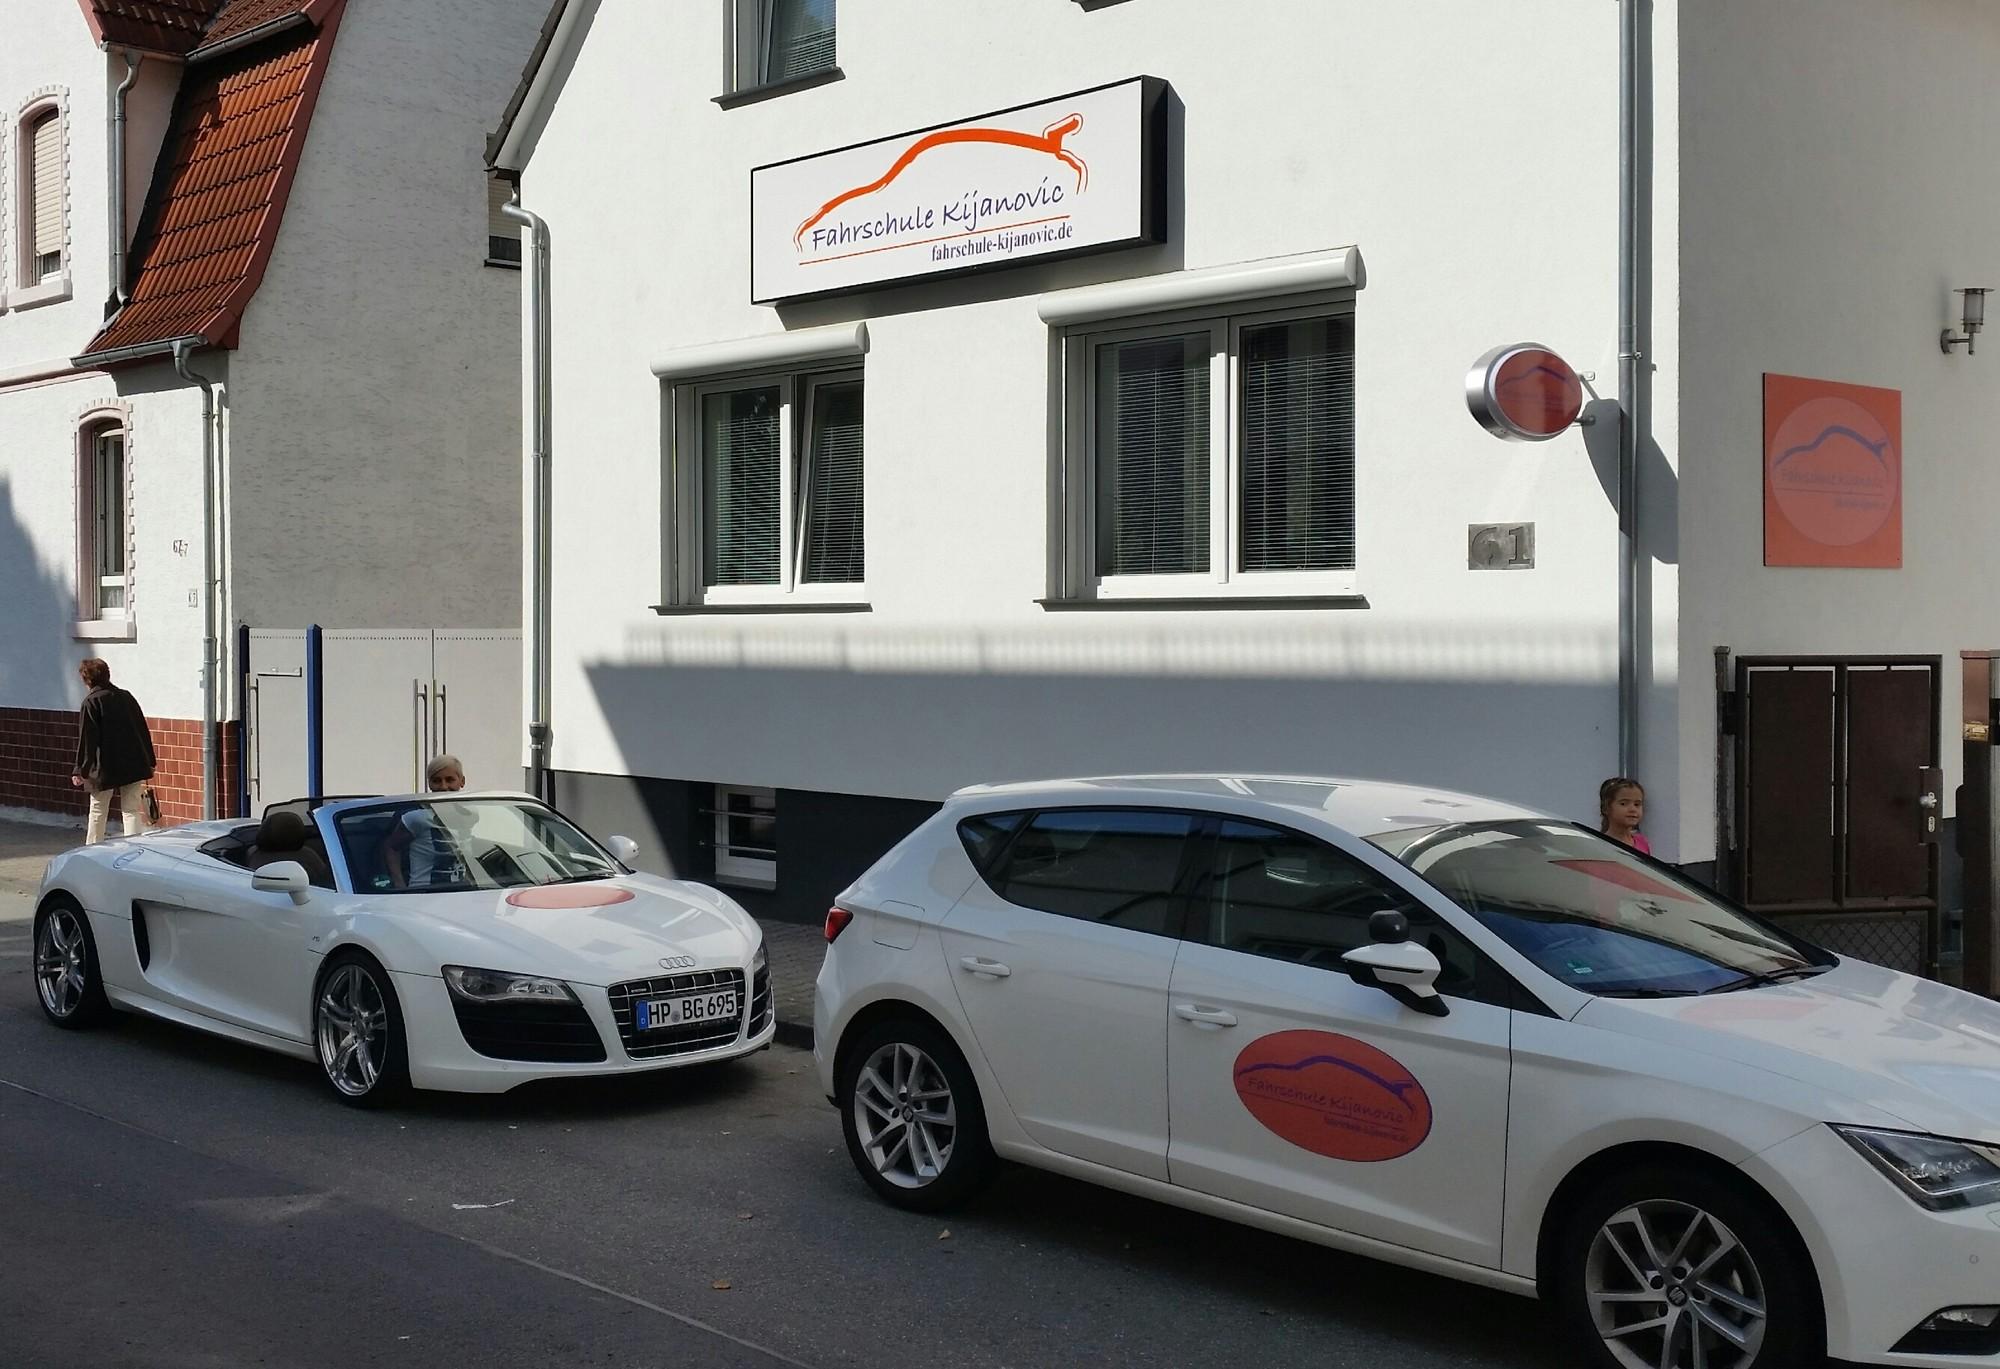 A Motorrad Wichtige Infos Fahrschule Kijanovic